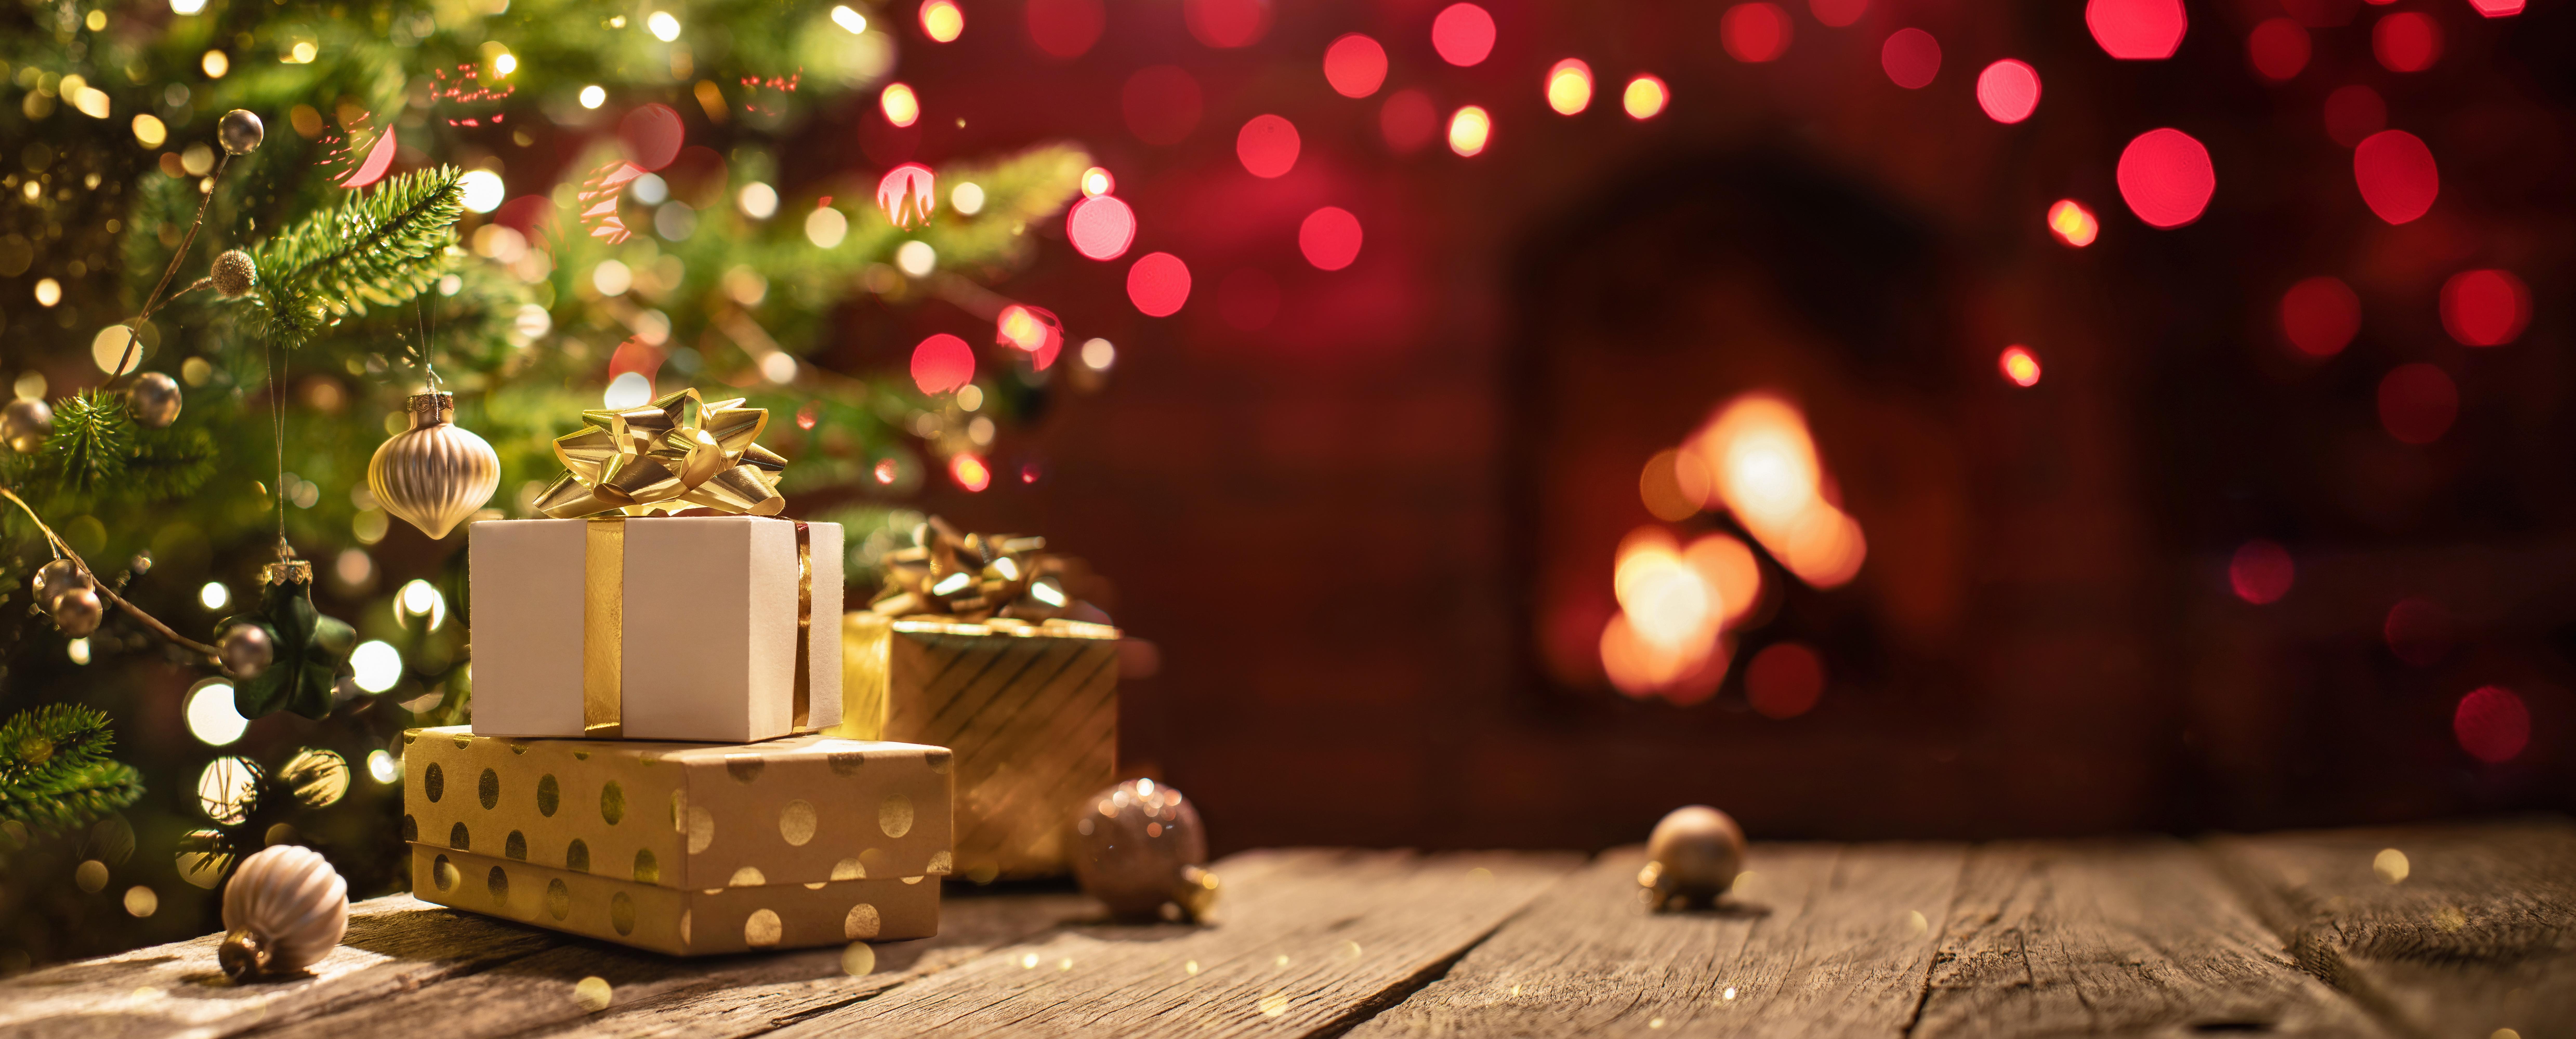 Weihnachtsbaum mit Geschenken und Dekoration